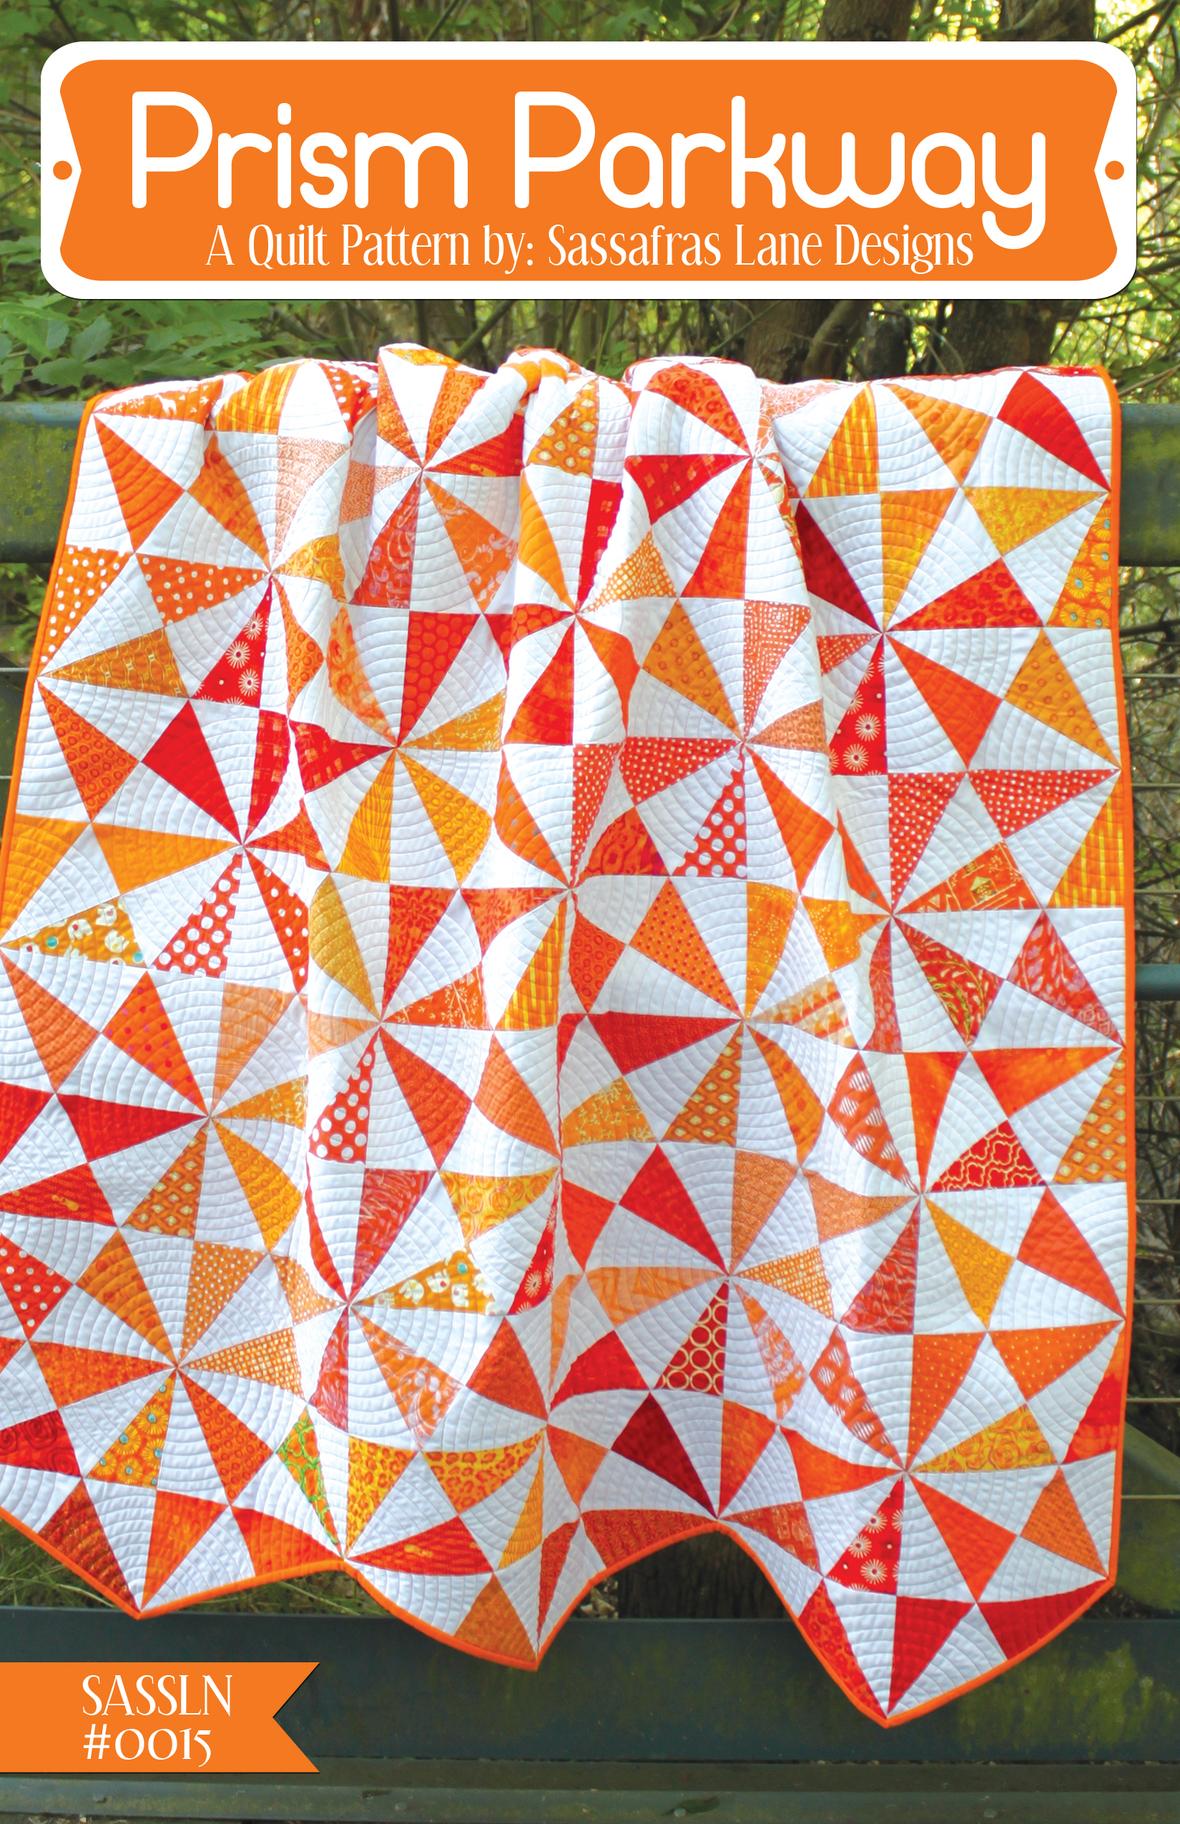 sassafras lane designs prism parkway sewing pattern